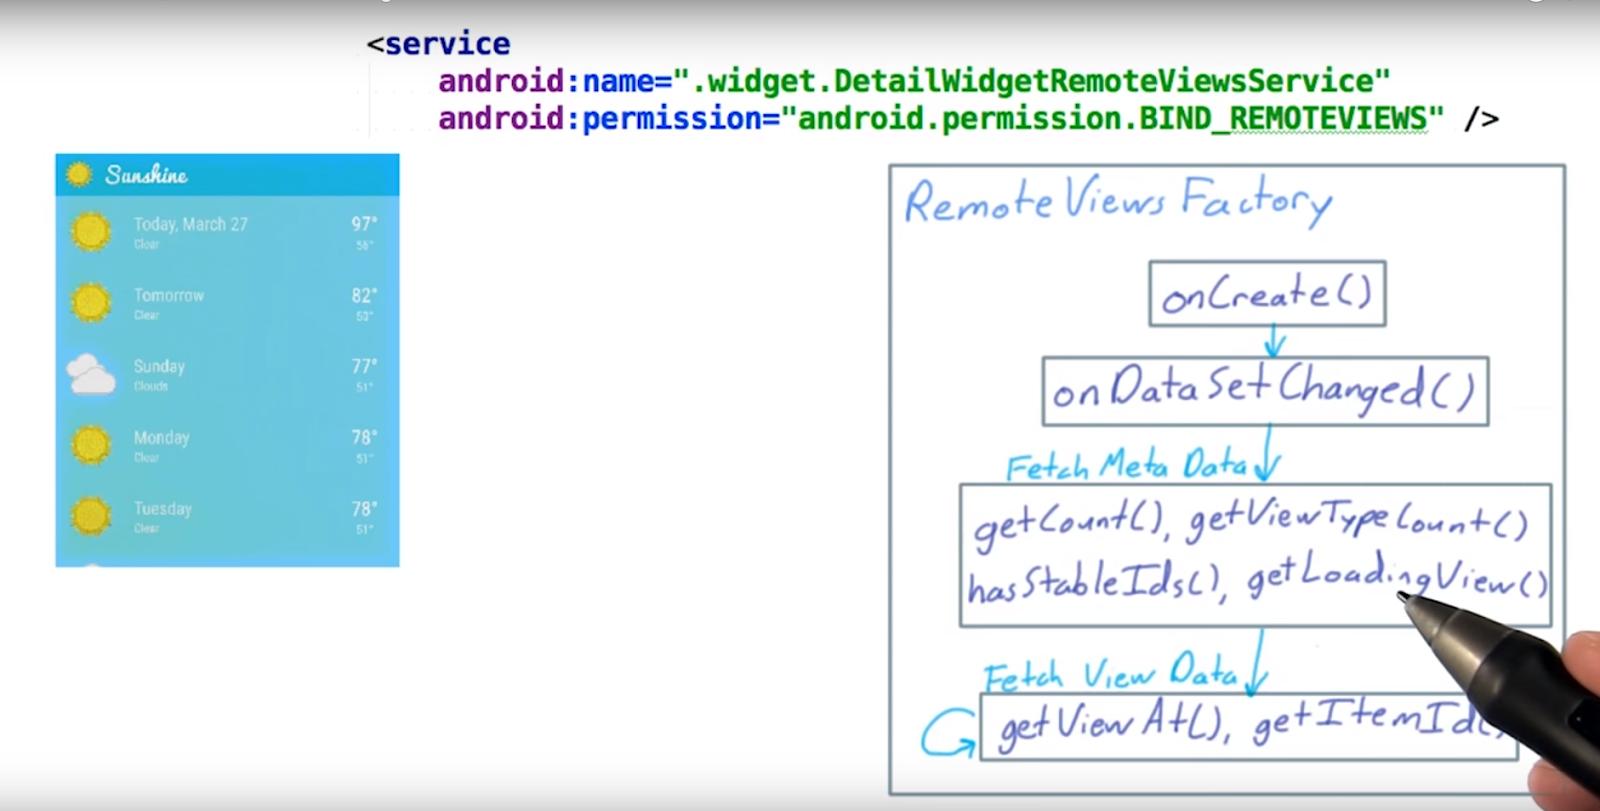 我的程式日誌: Create widget(With list view) with remote view service